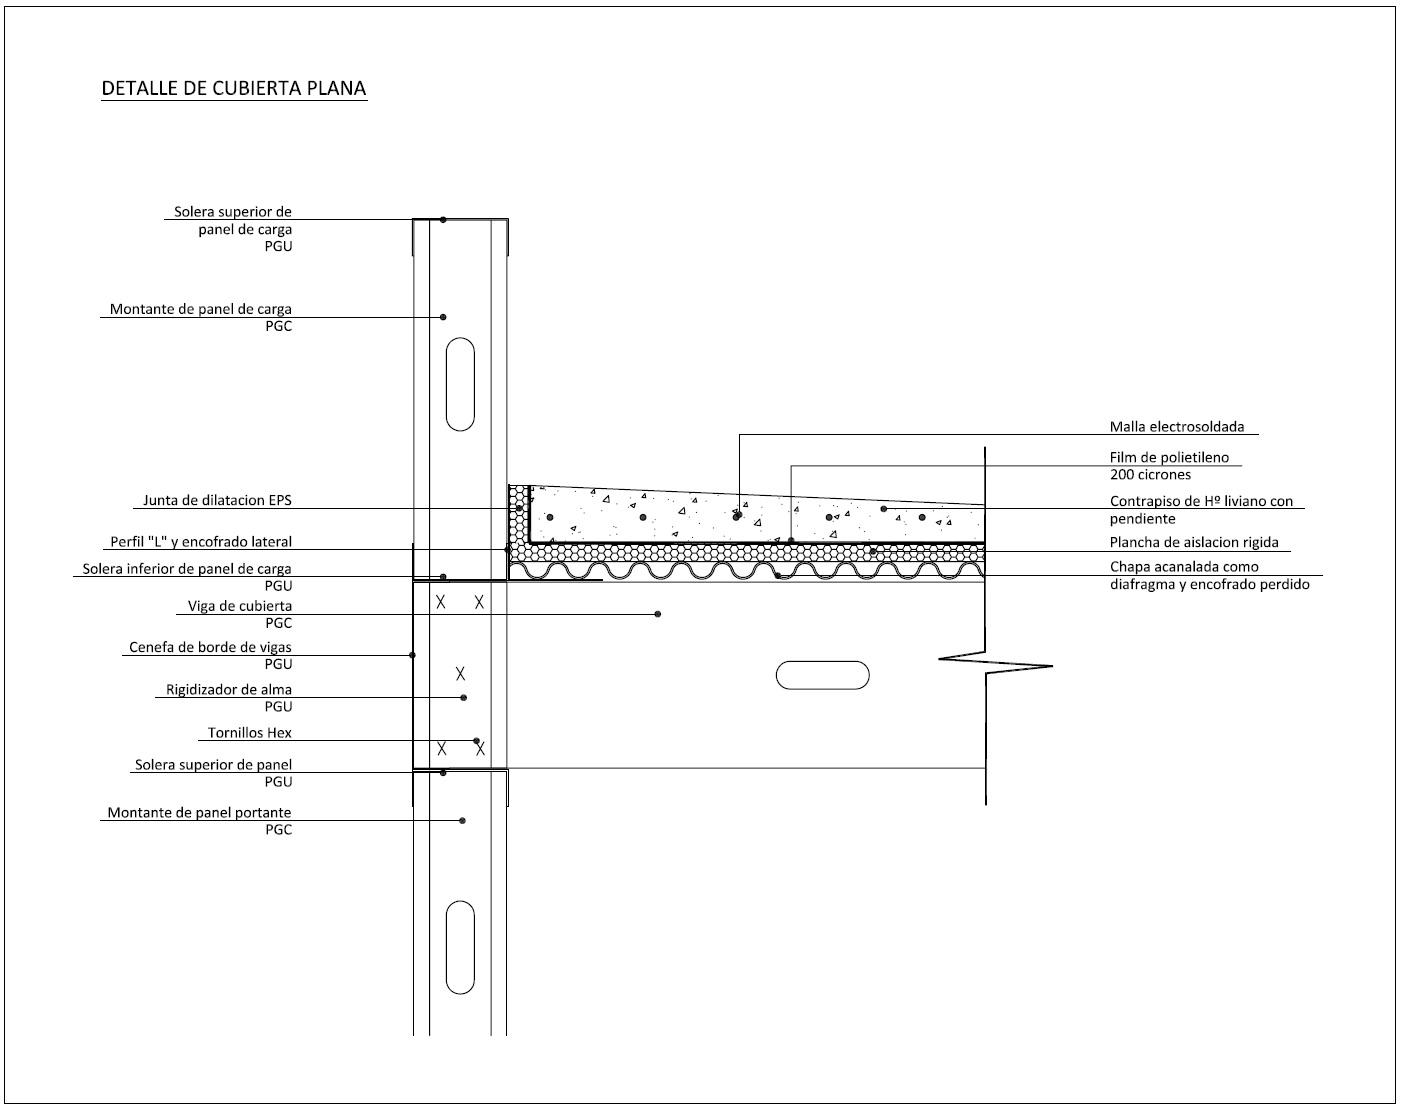 Detalles constructivos cad detalles constructivos steelframe - Detalle constructivo techo ...